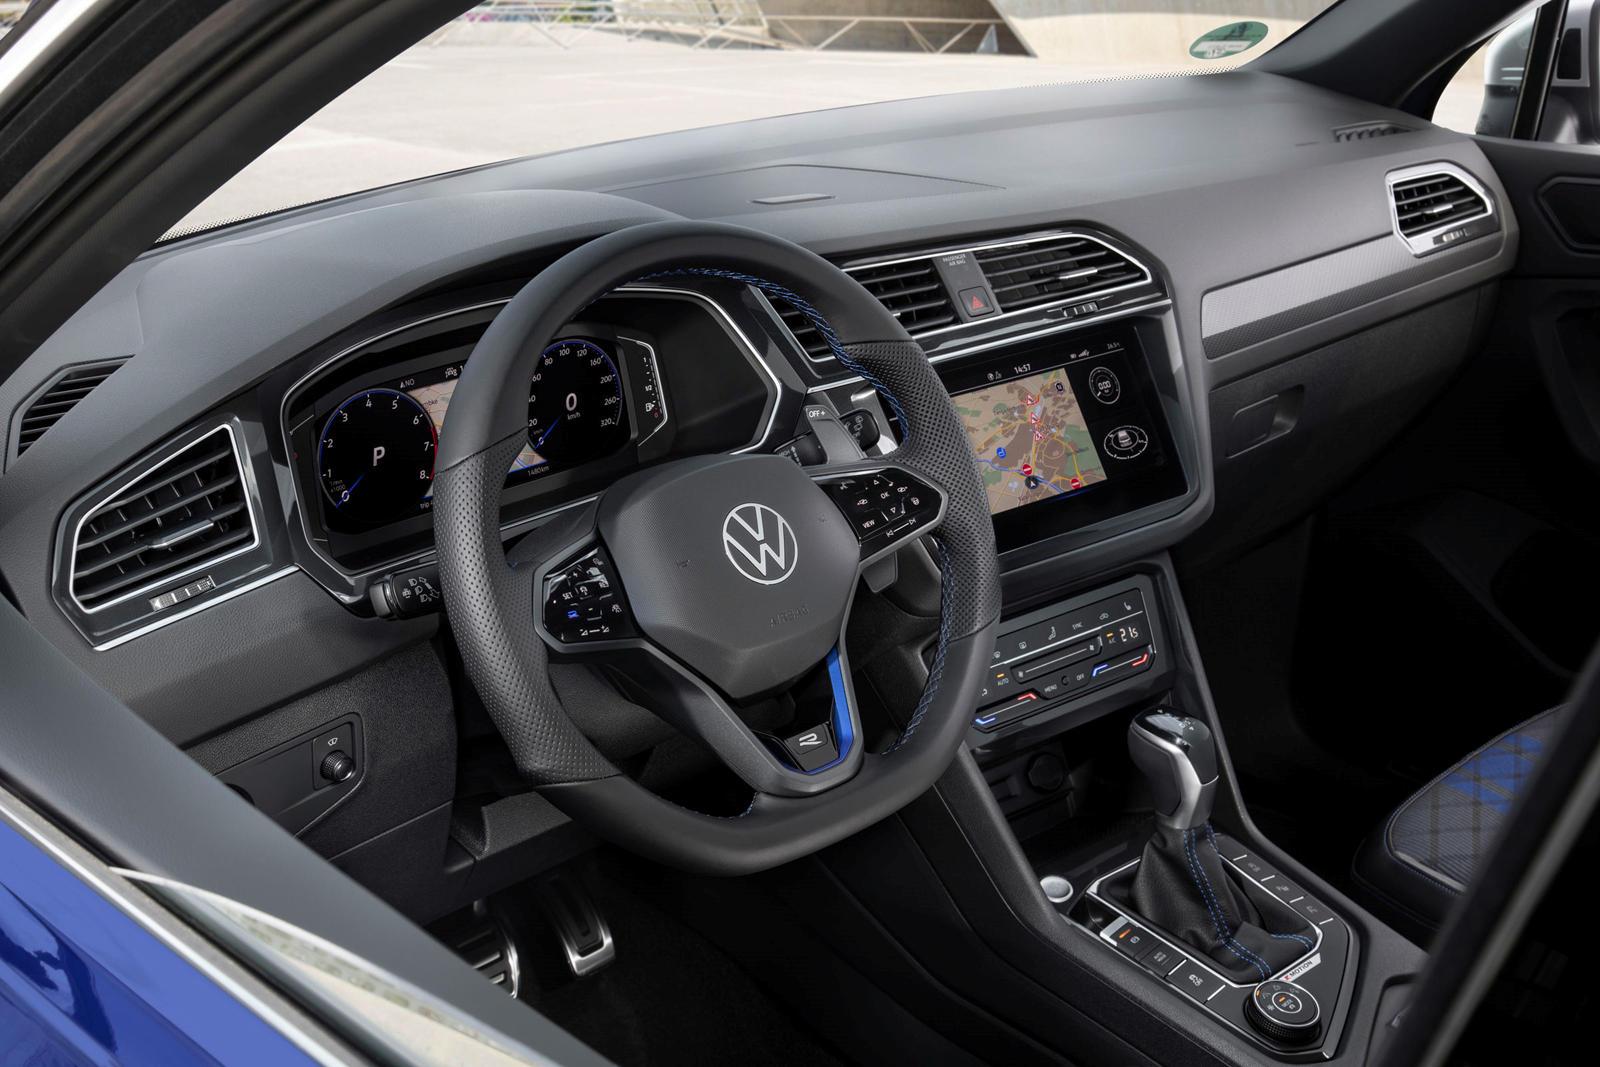 Экстерьер отличается спортивными бамперами с аэродинамическими элементами в глянцевом черном цвете (или в цвете кузова), глянцевым черным задним диффузором, матовыми накладками зеркал и 20-дюймовыми легкосплавными дисками Misano. Внутри Tiguan R осна